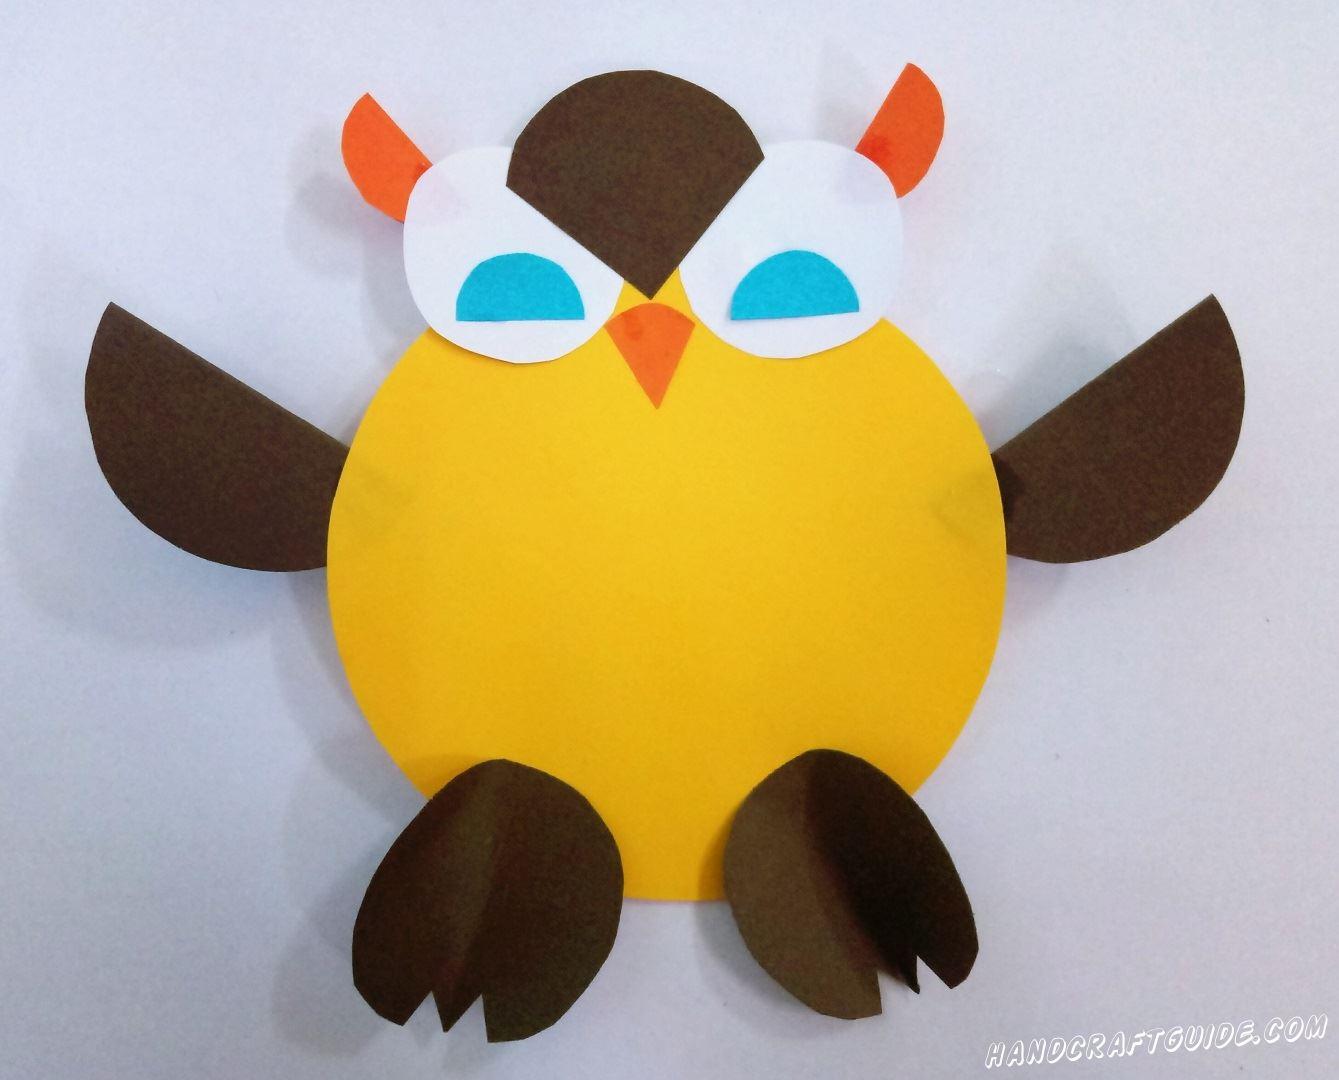 Такая мудрая птица теперь украсит ваш дом. До новых встреч, друзья!